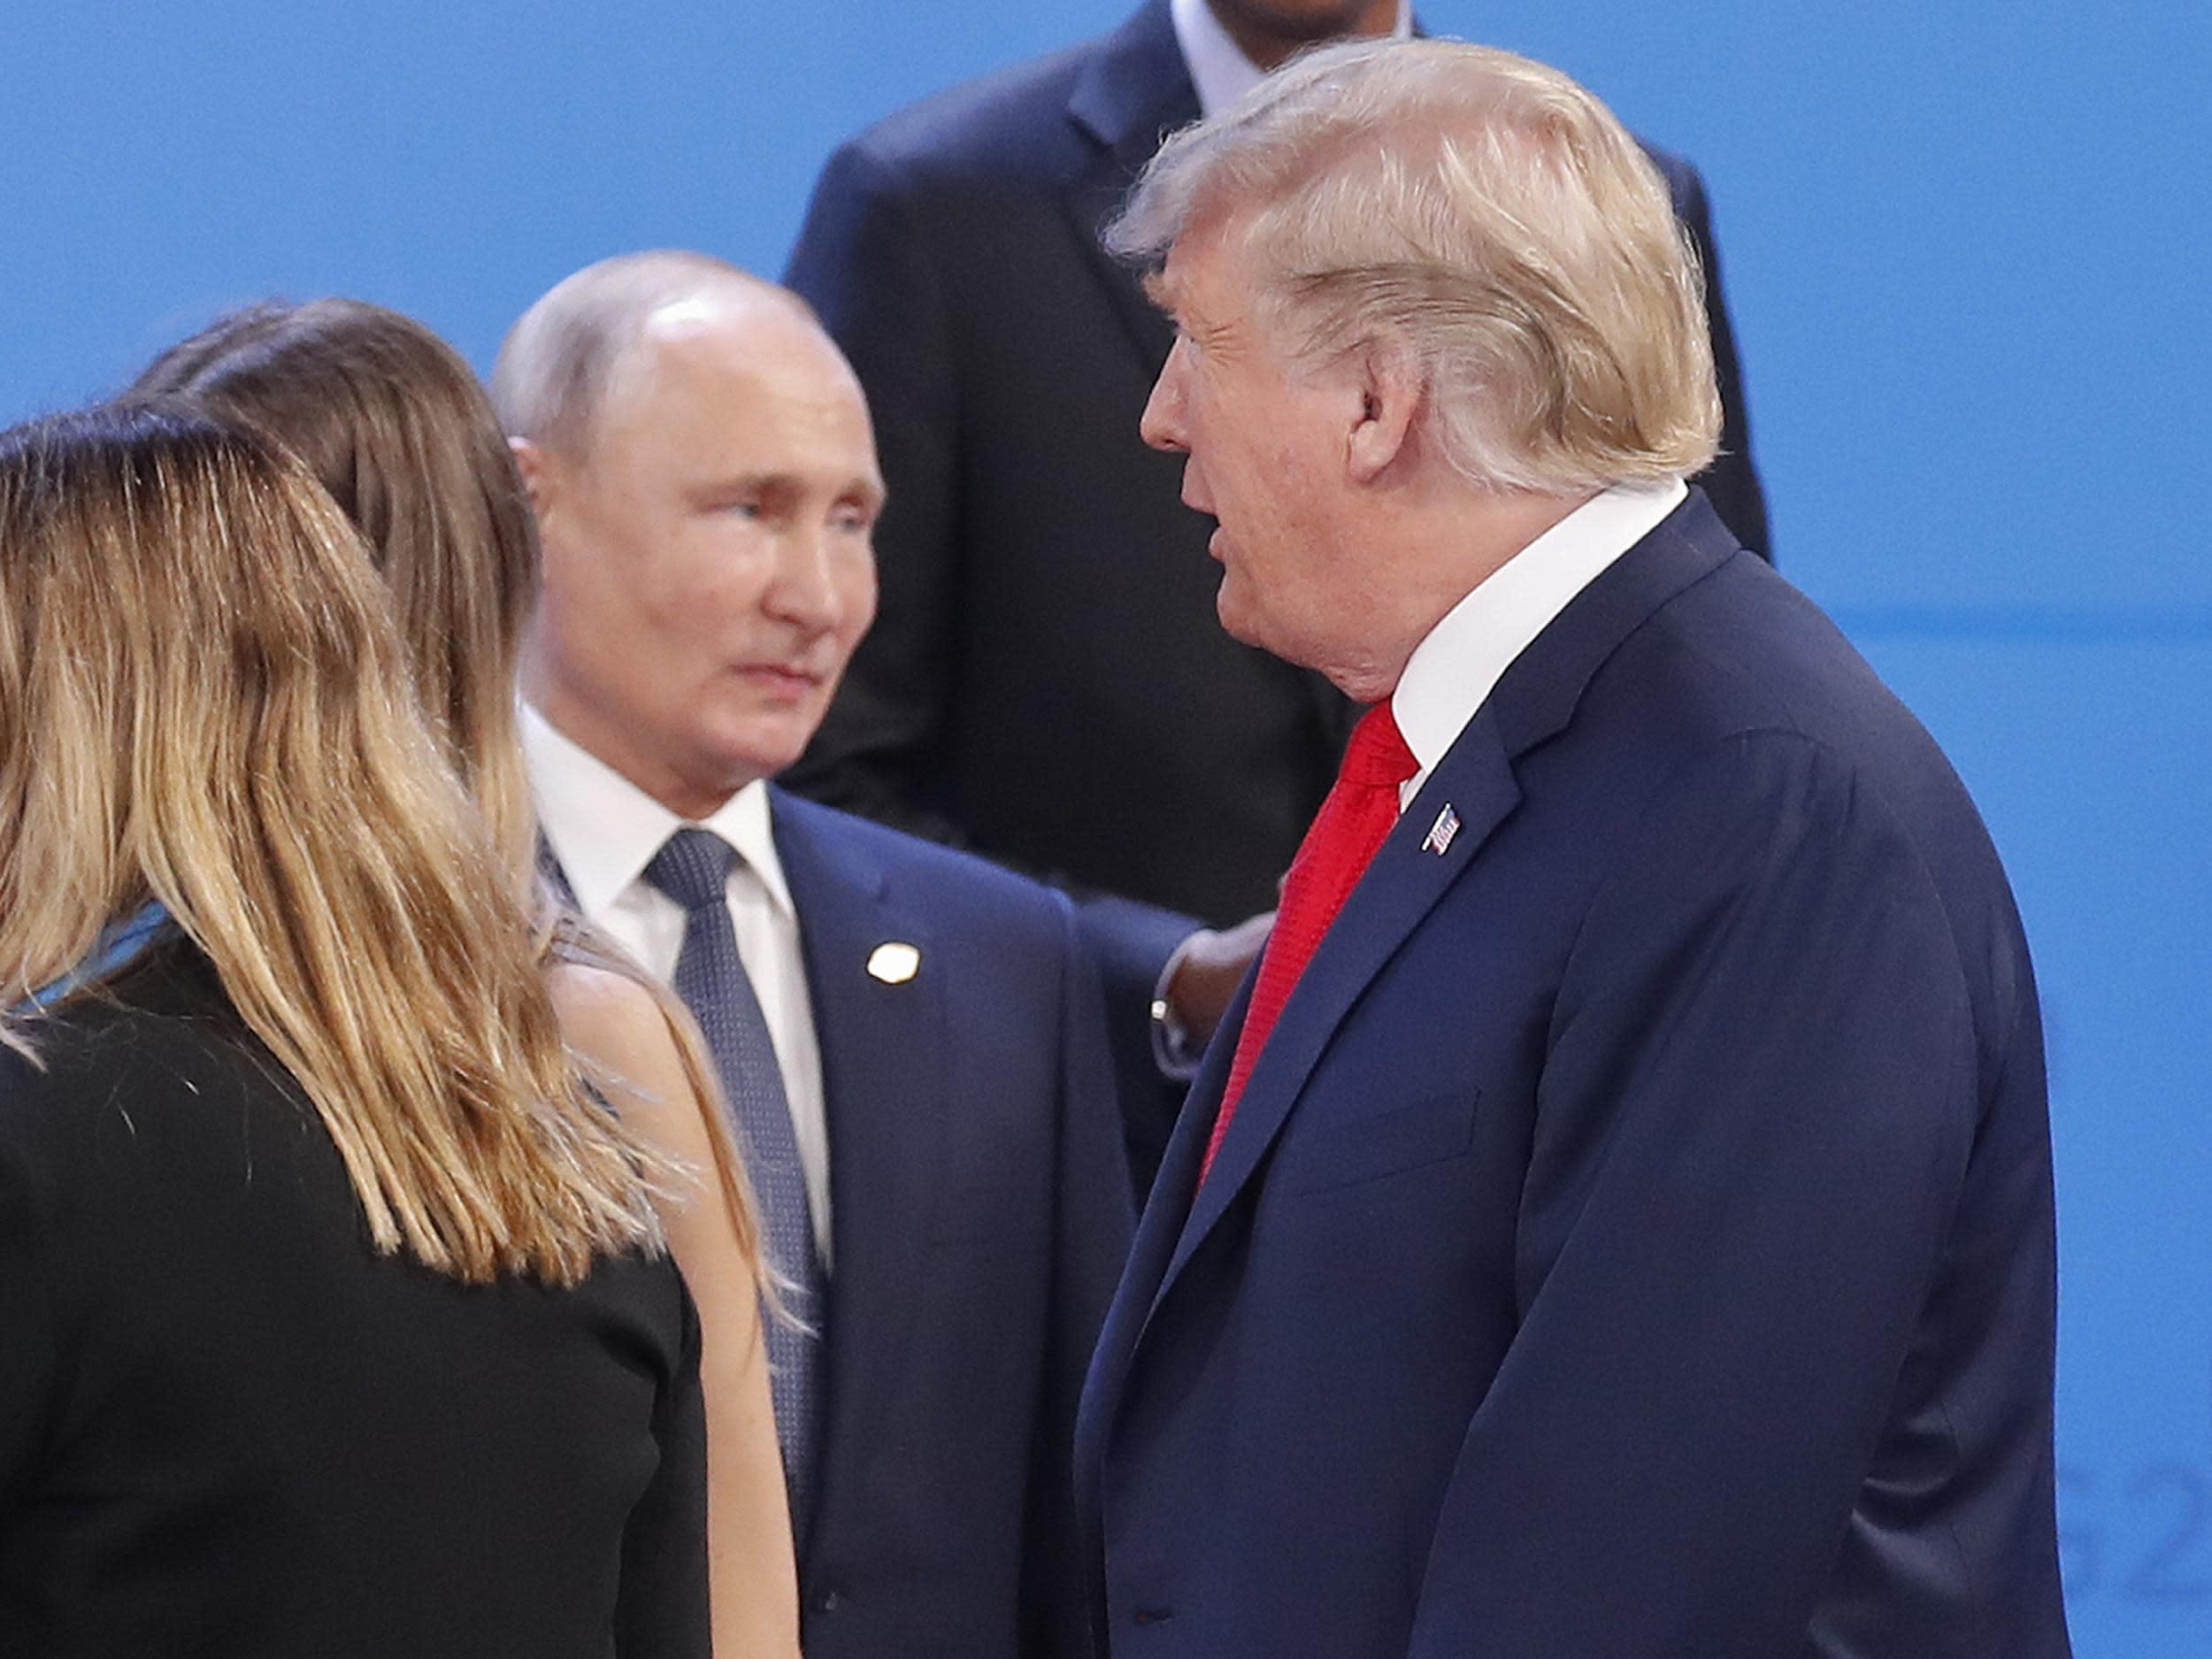 Trump met Putin on sidelines of G20 summit as all members back WTO reform